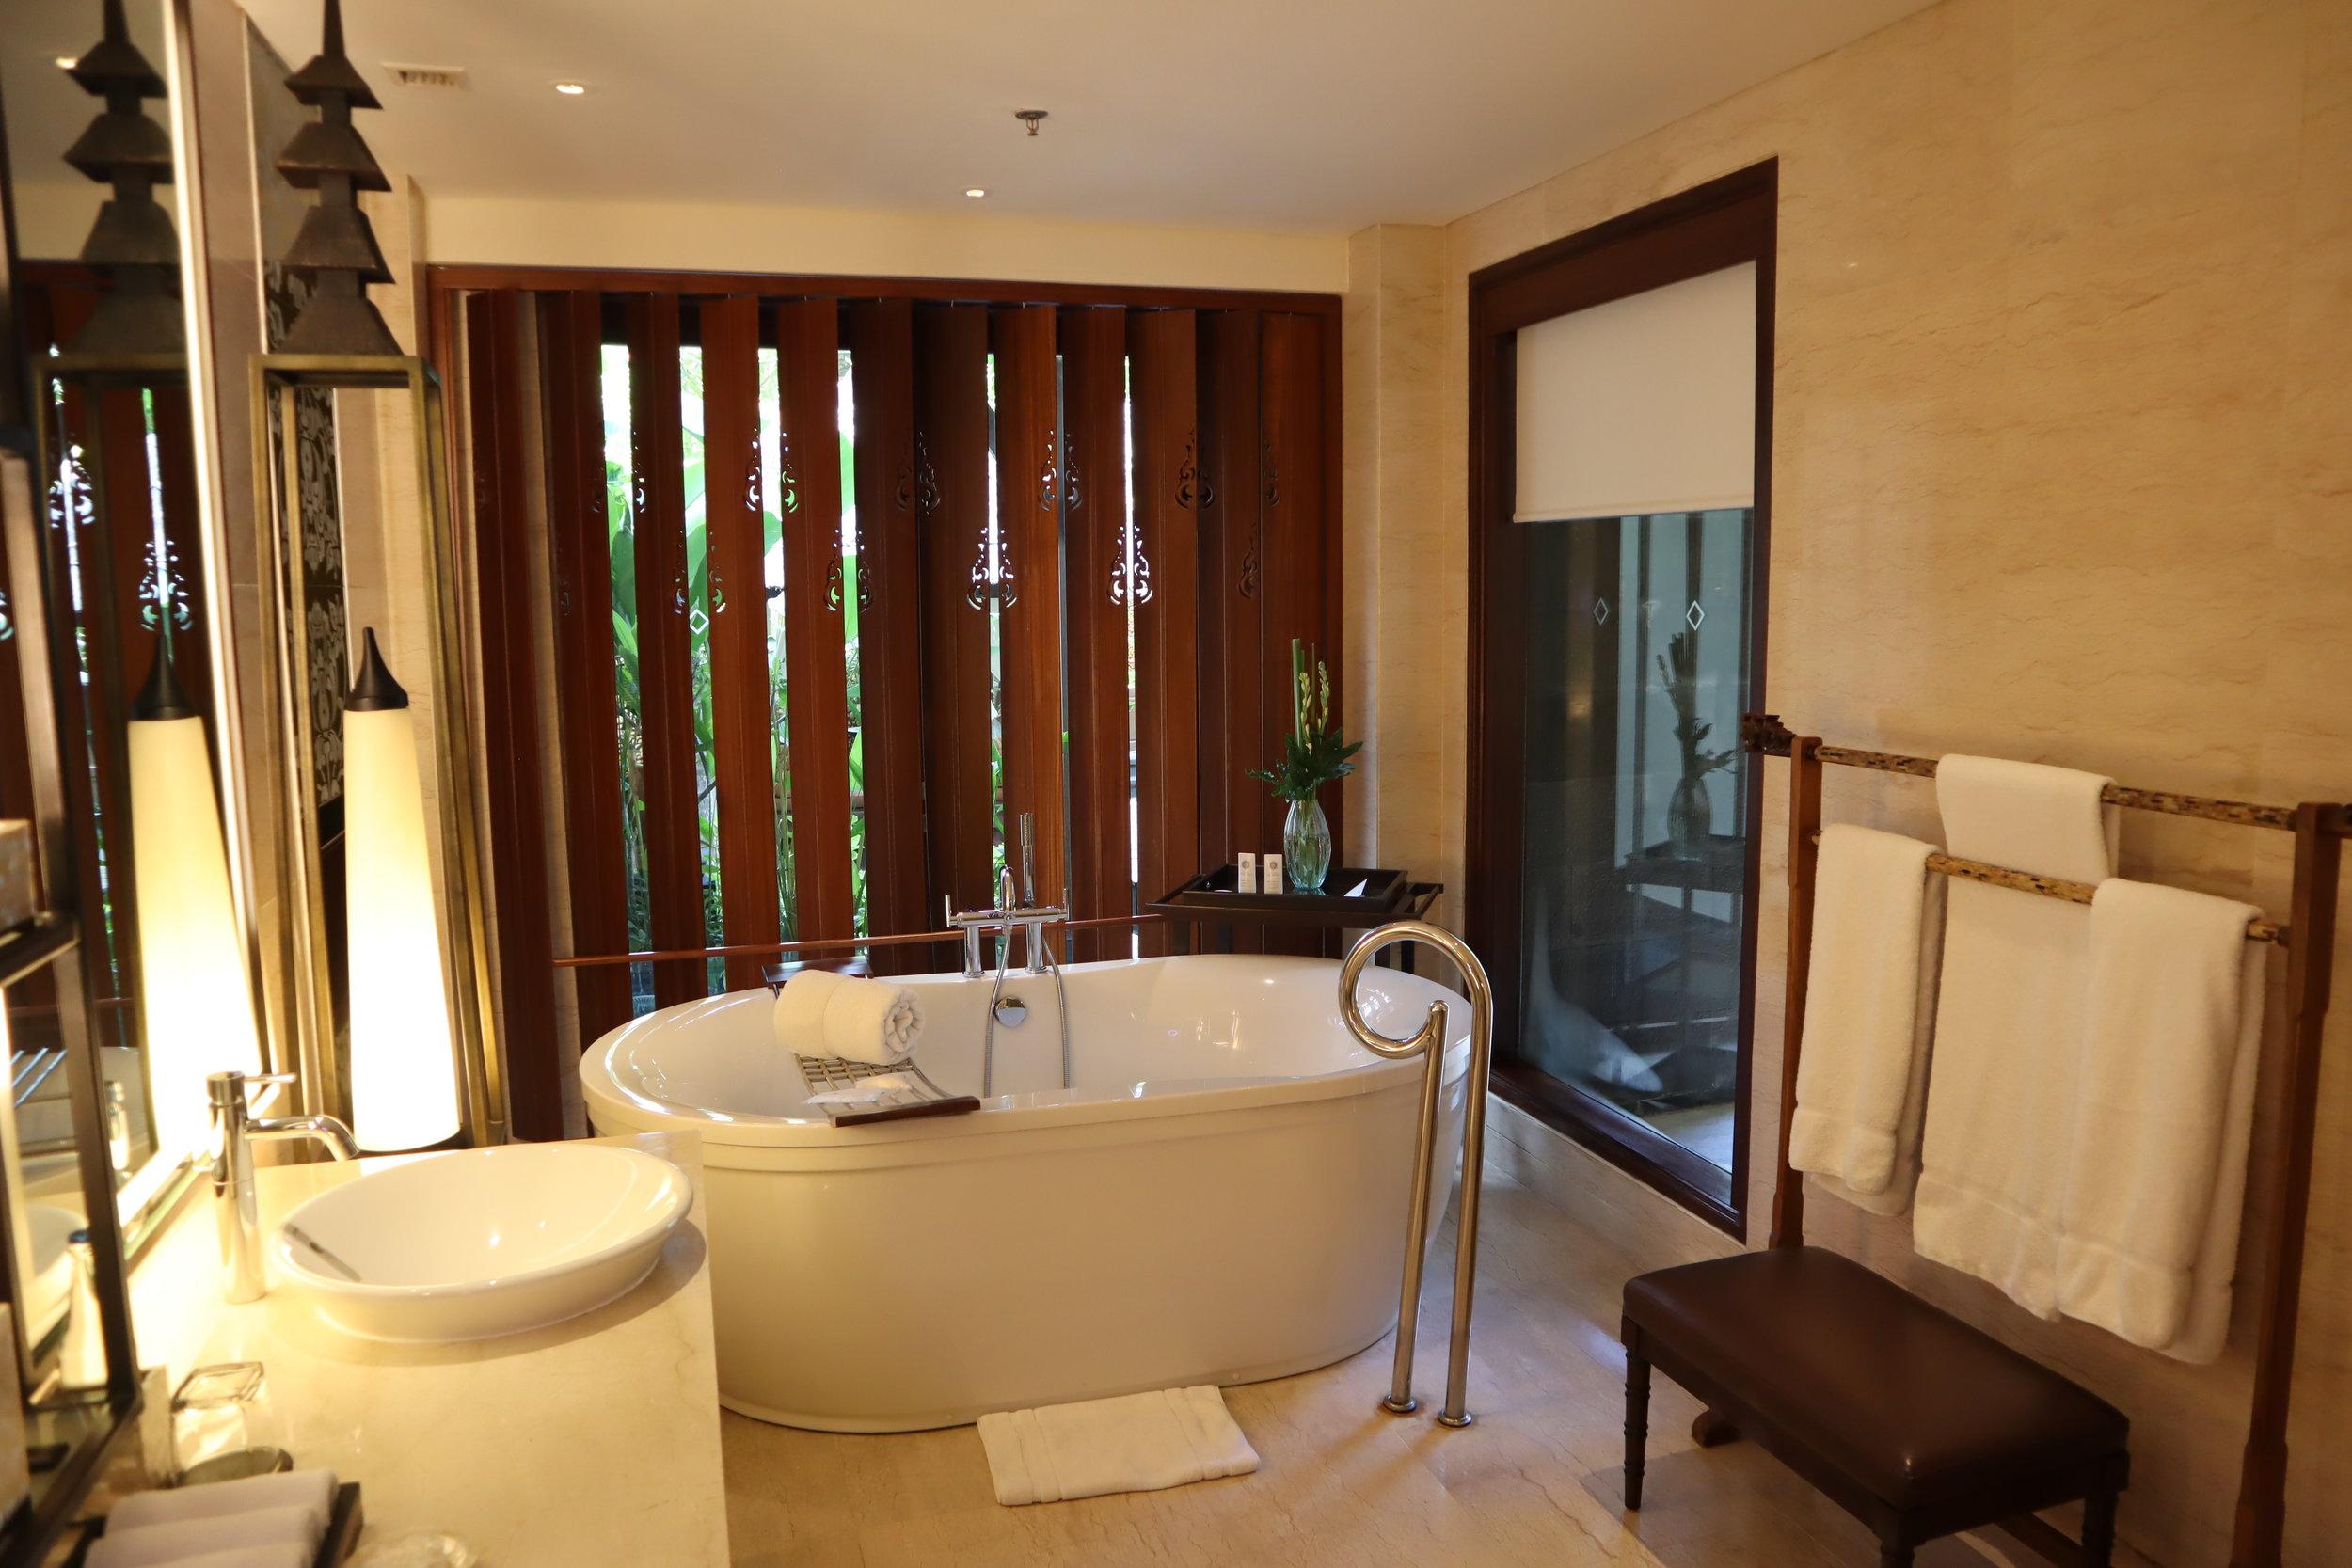 St. Regis Bali – St. Regis Pool Suite bathroom